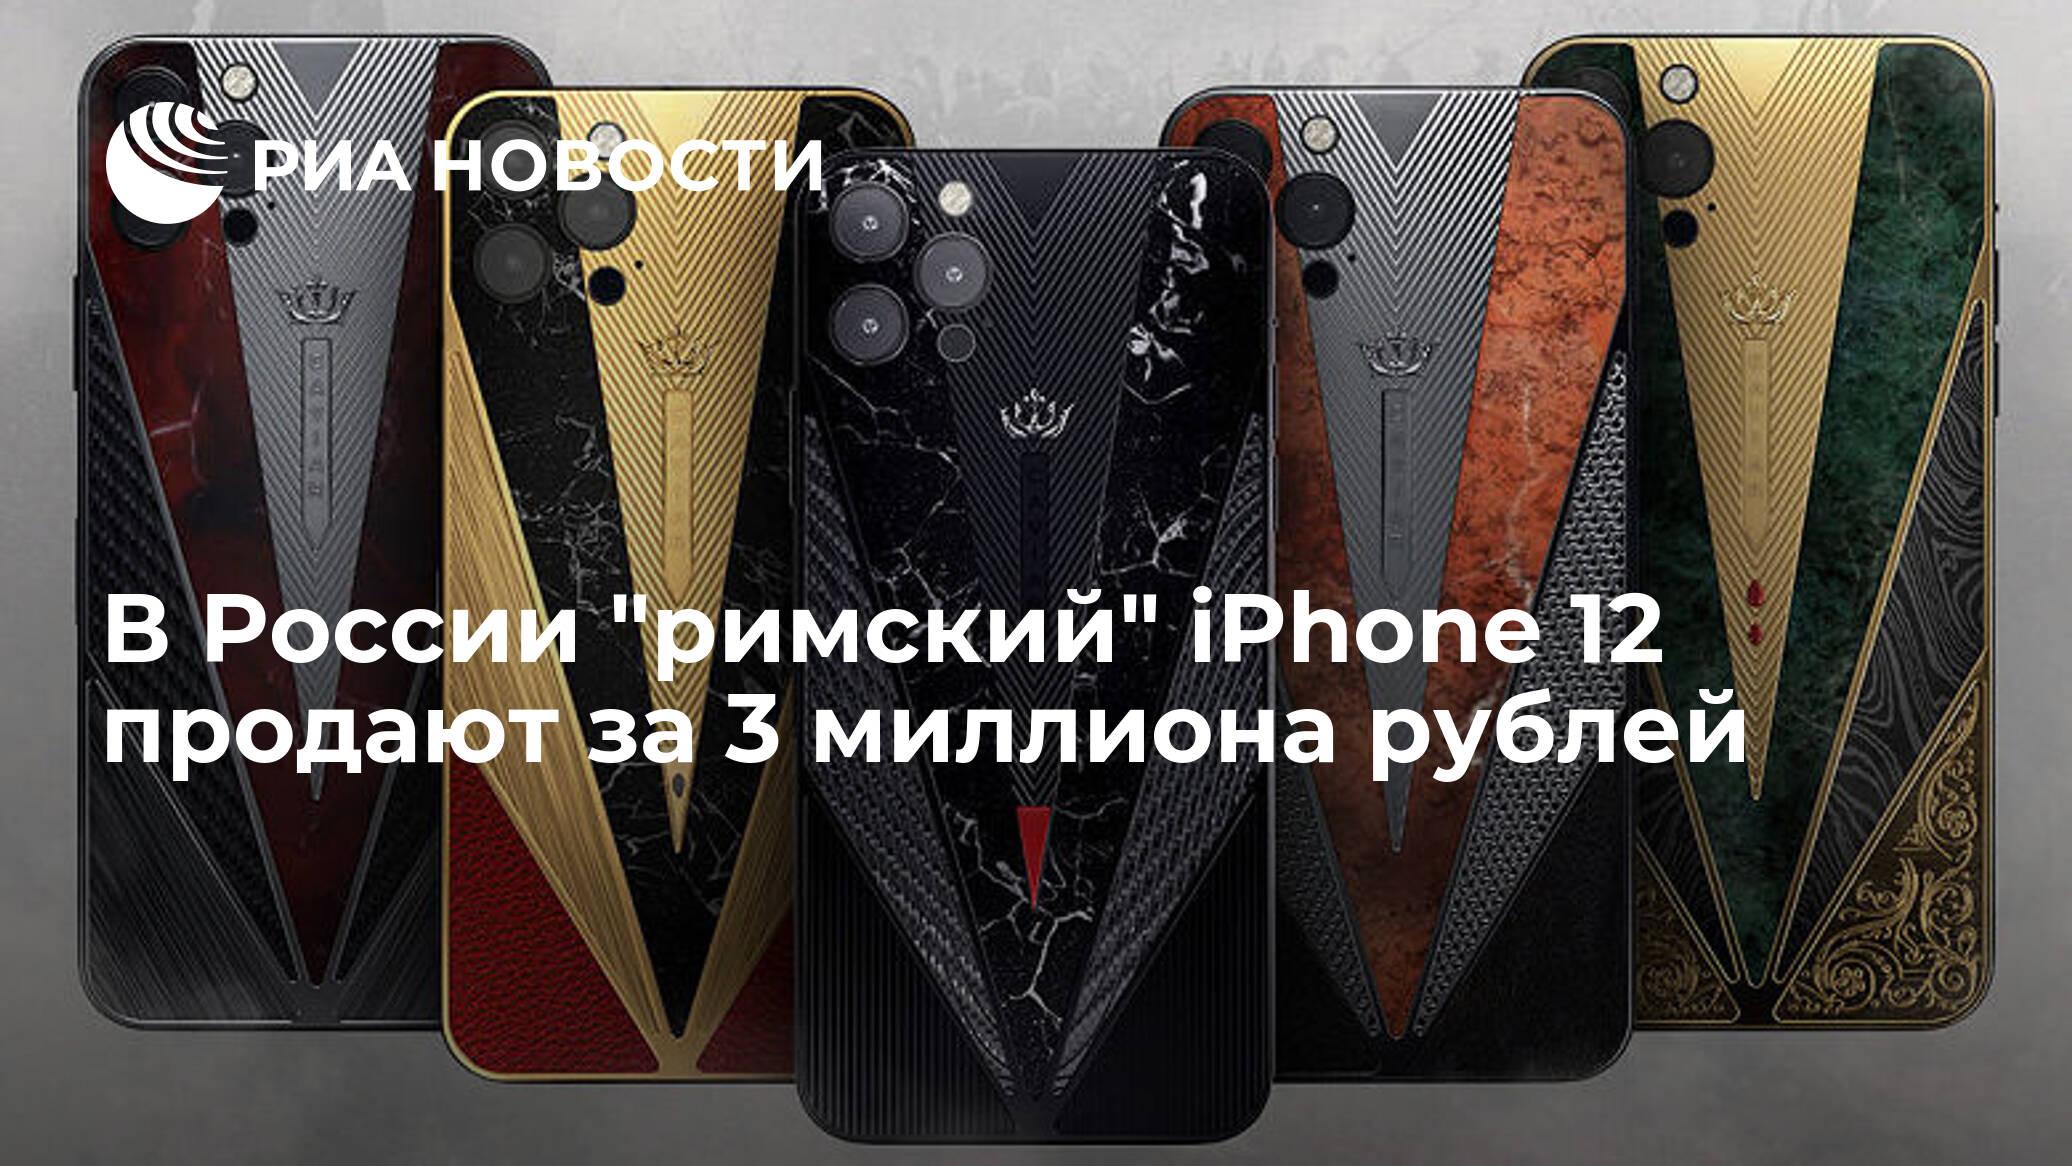 В России 'римский' iPhone 12 продают за 3 миллиона рублей - РИА НОВОСТИ